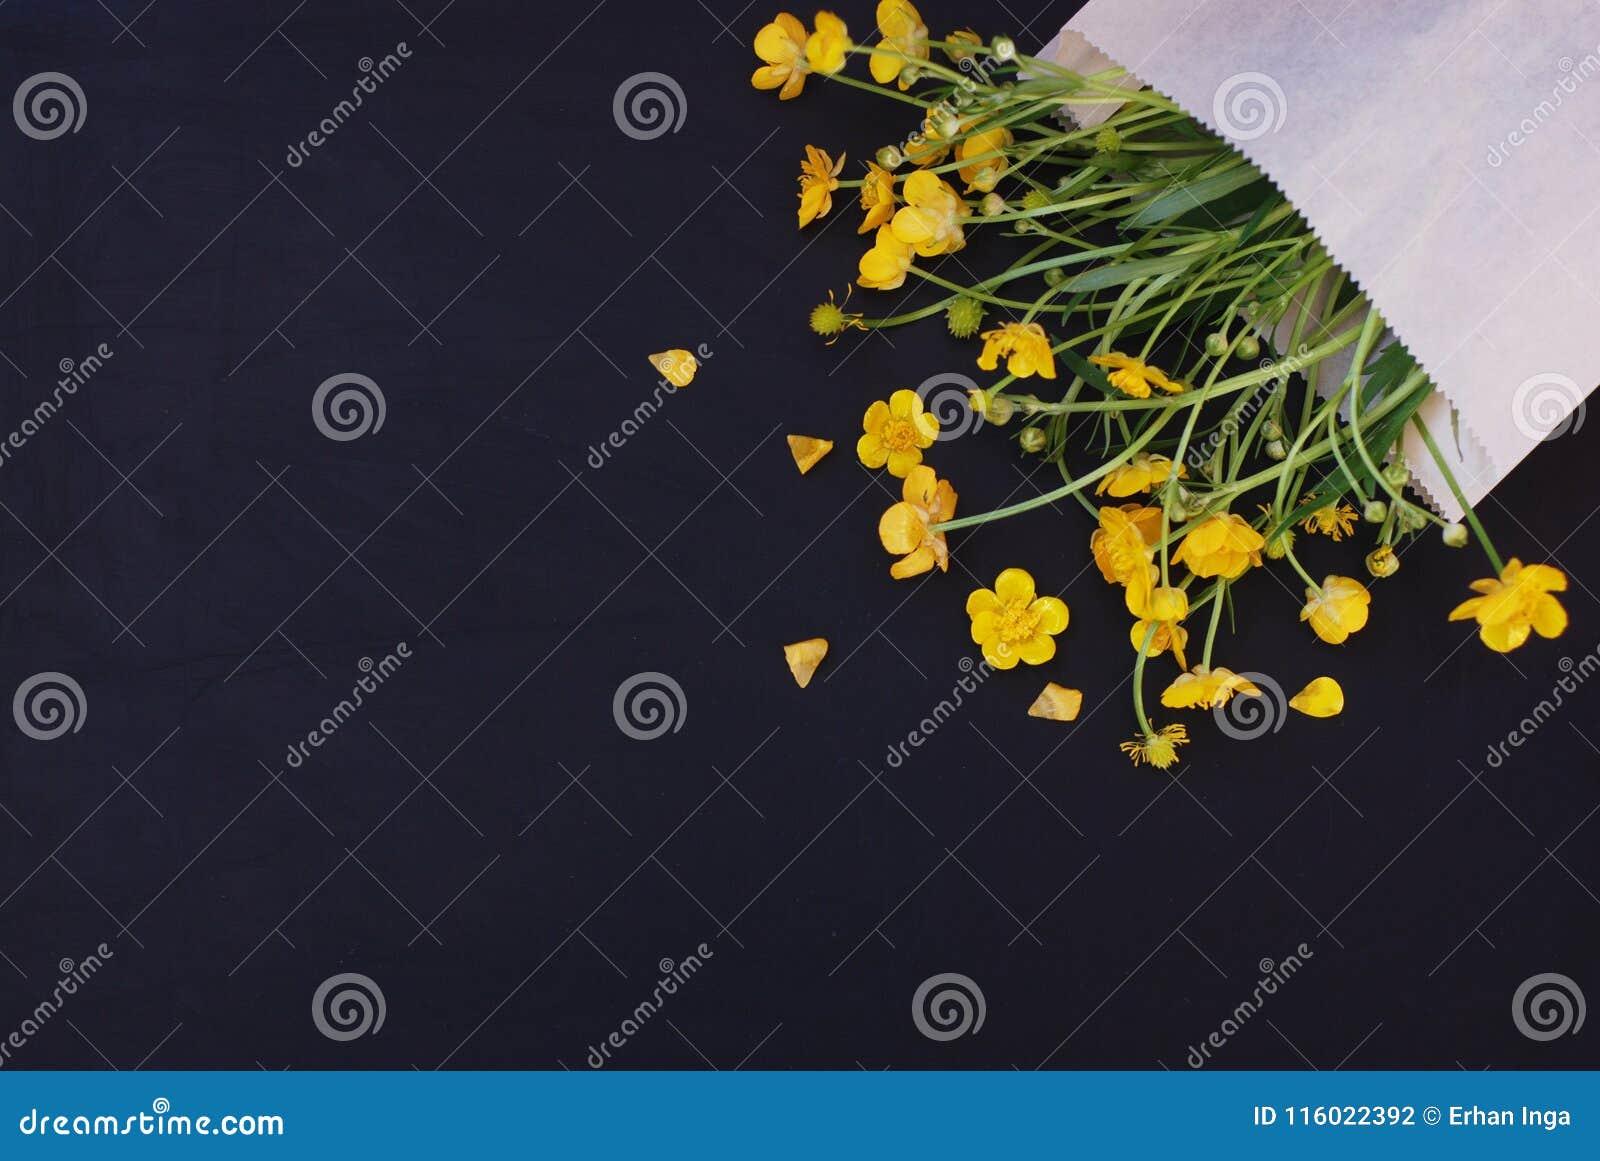 在信封深蓝黑背景舱内甲板的黄色小的花放置拷贝空间